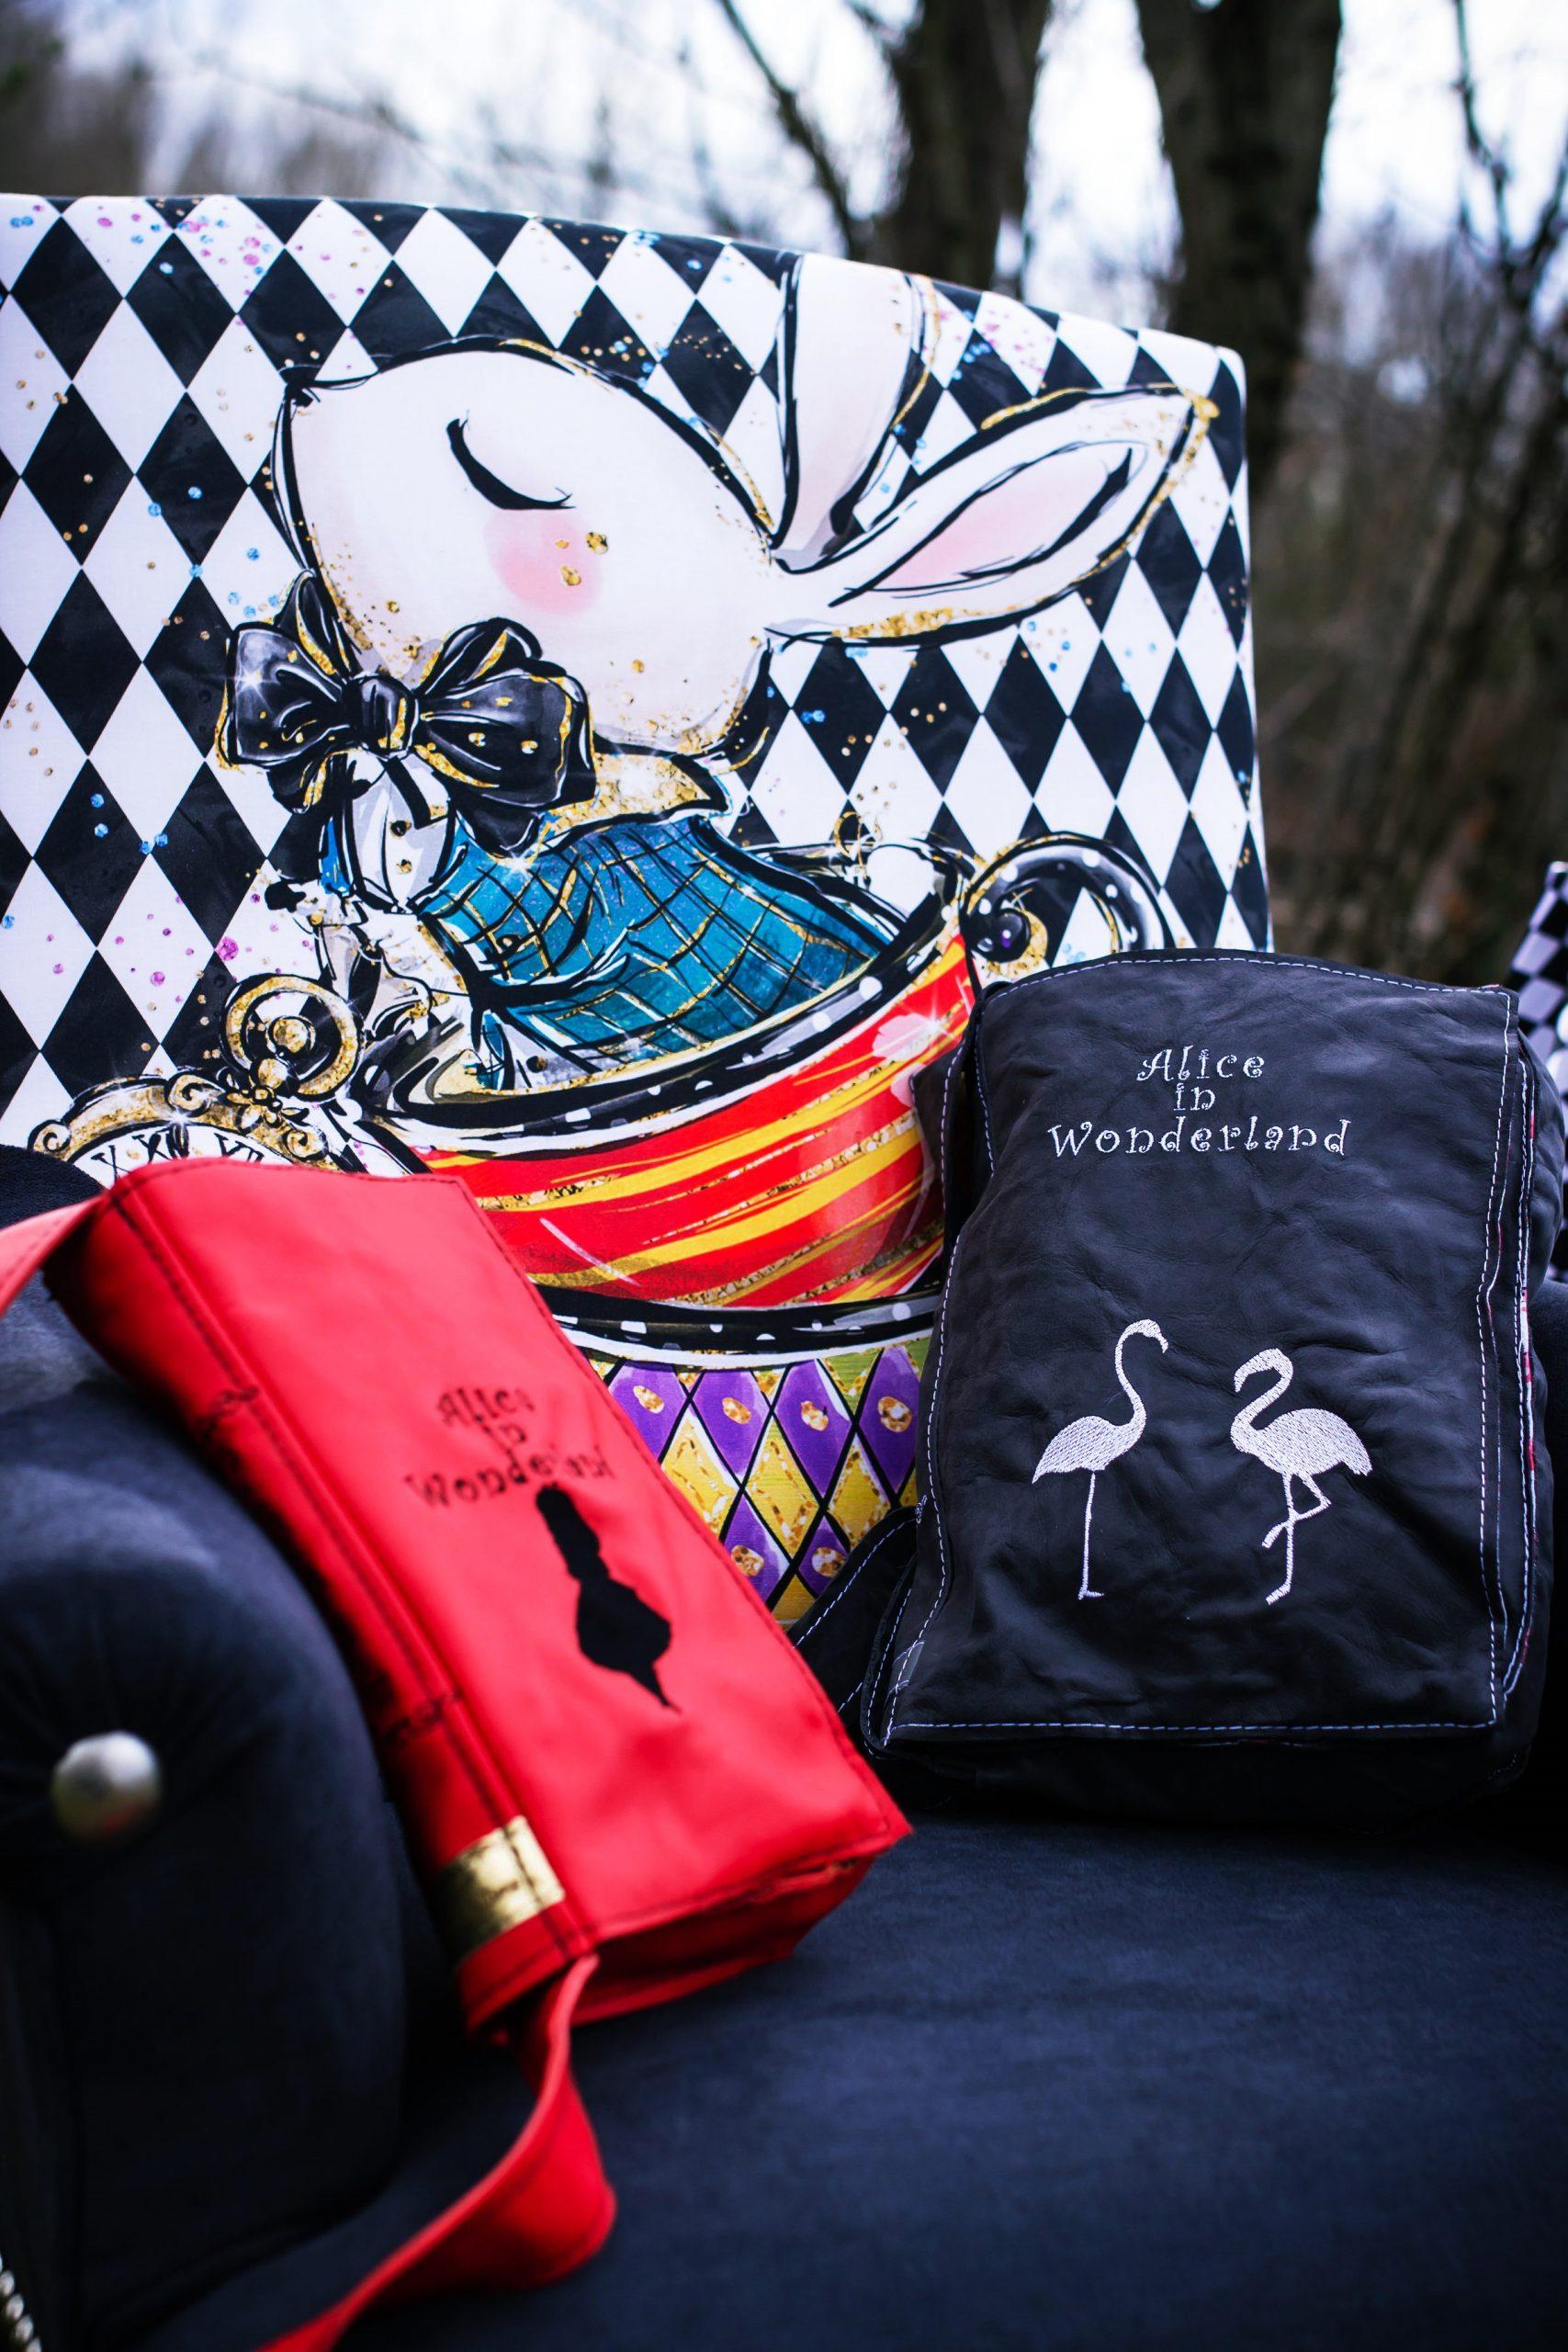 Accessoires cousus Alice Au Pays des Merveilles - DAL Couture